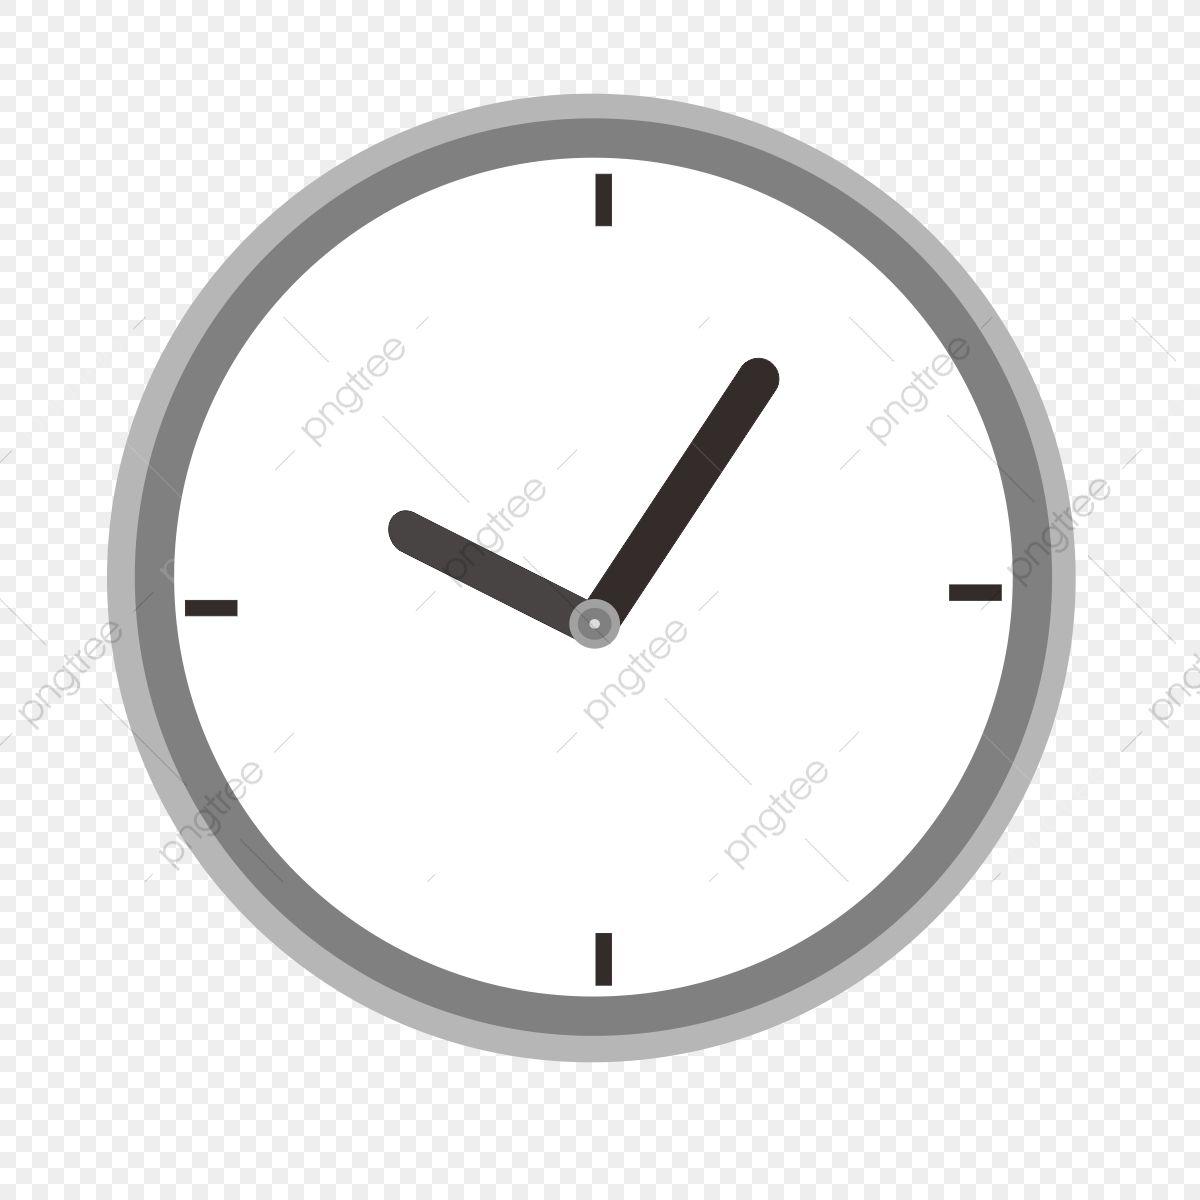 Reloj De Dibujos Animados De Vectores Reloj Png Reloj Gris Png Imagen Para Descarga Gratuita Pngtree Wall Clock Logo Clock Grey Clocks